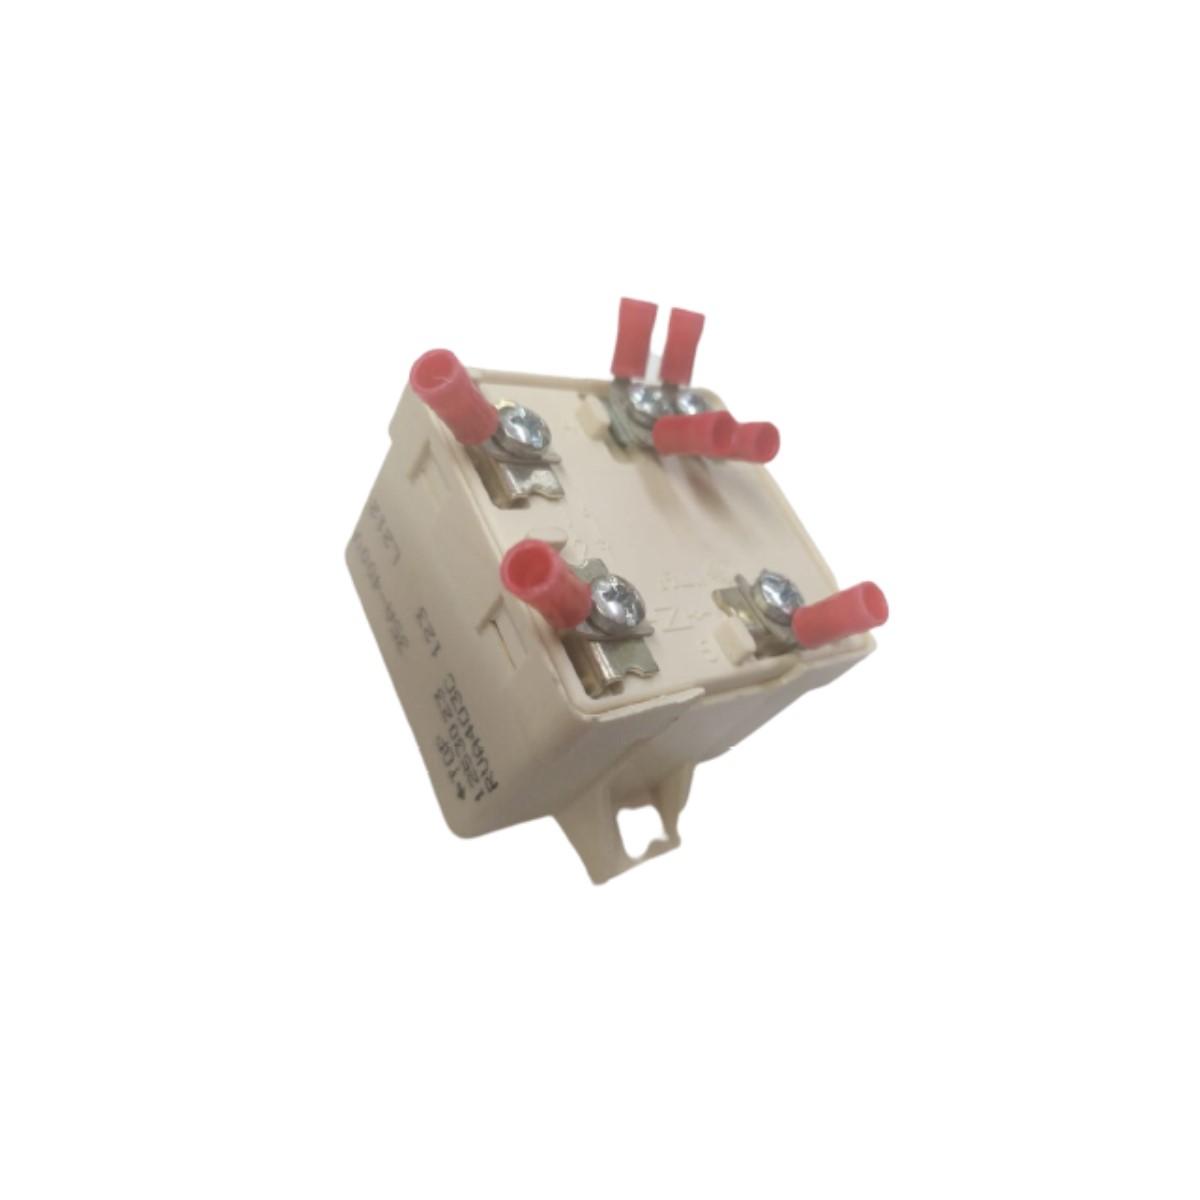 5 Rele Voltimétrico para compressor de Ar Condicionado 3HP 400V 177590040701